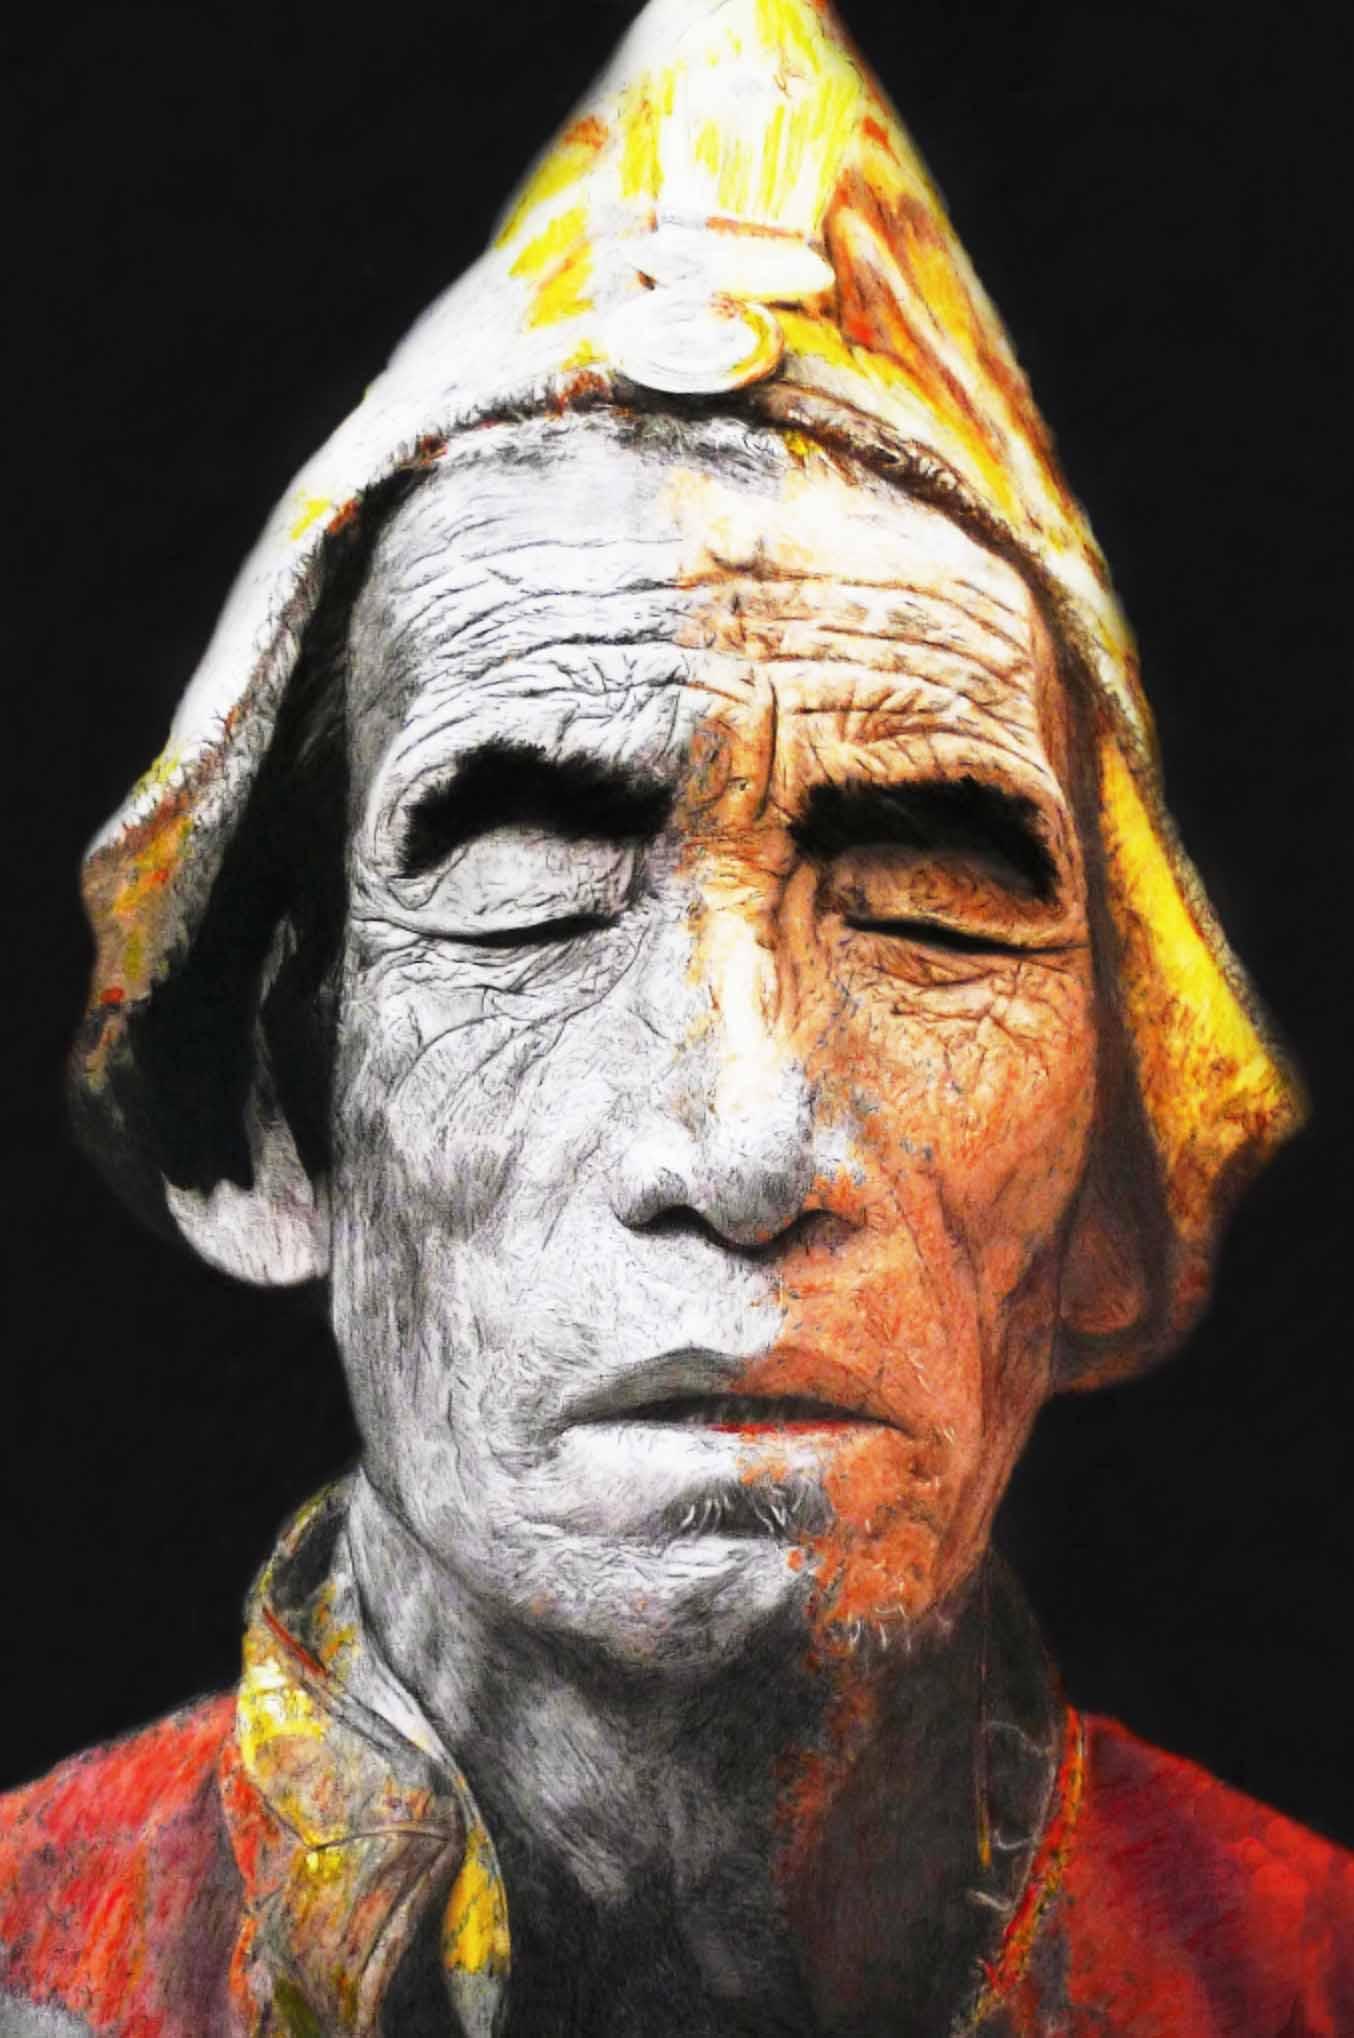 """""""Eloge de la Fuite"""" - Dessin à la pierre noire et aquarelle sur papier Canson - 1.20 X 0.80 - D'après une photographie de Mario GERTH - Version définitive - Prix sur demande -"""